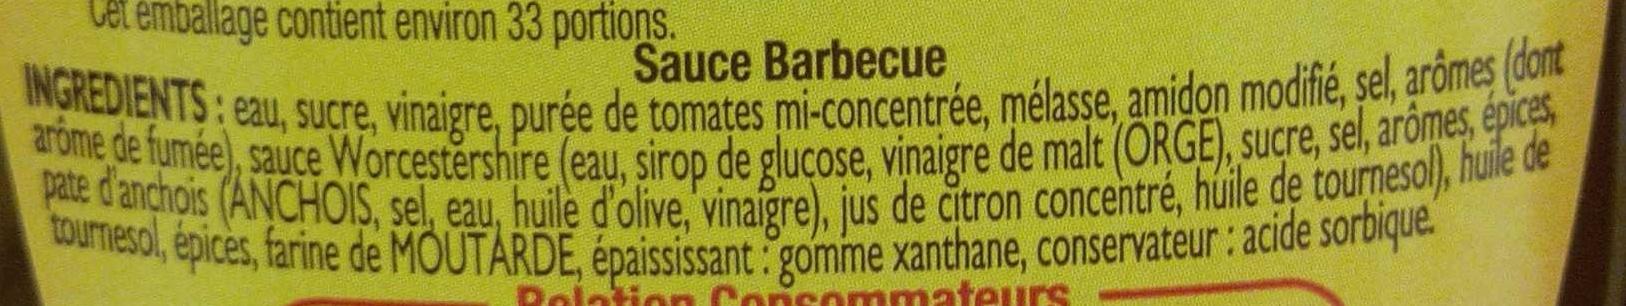 Amora Sauce Barbecue - Offre Saisonnière - Ingredients - fr